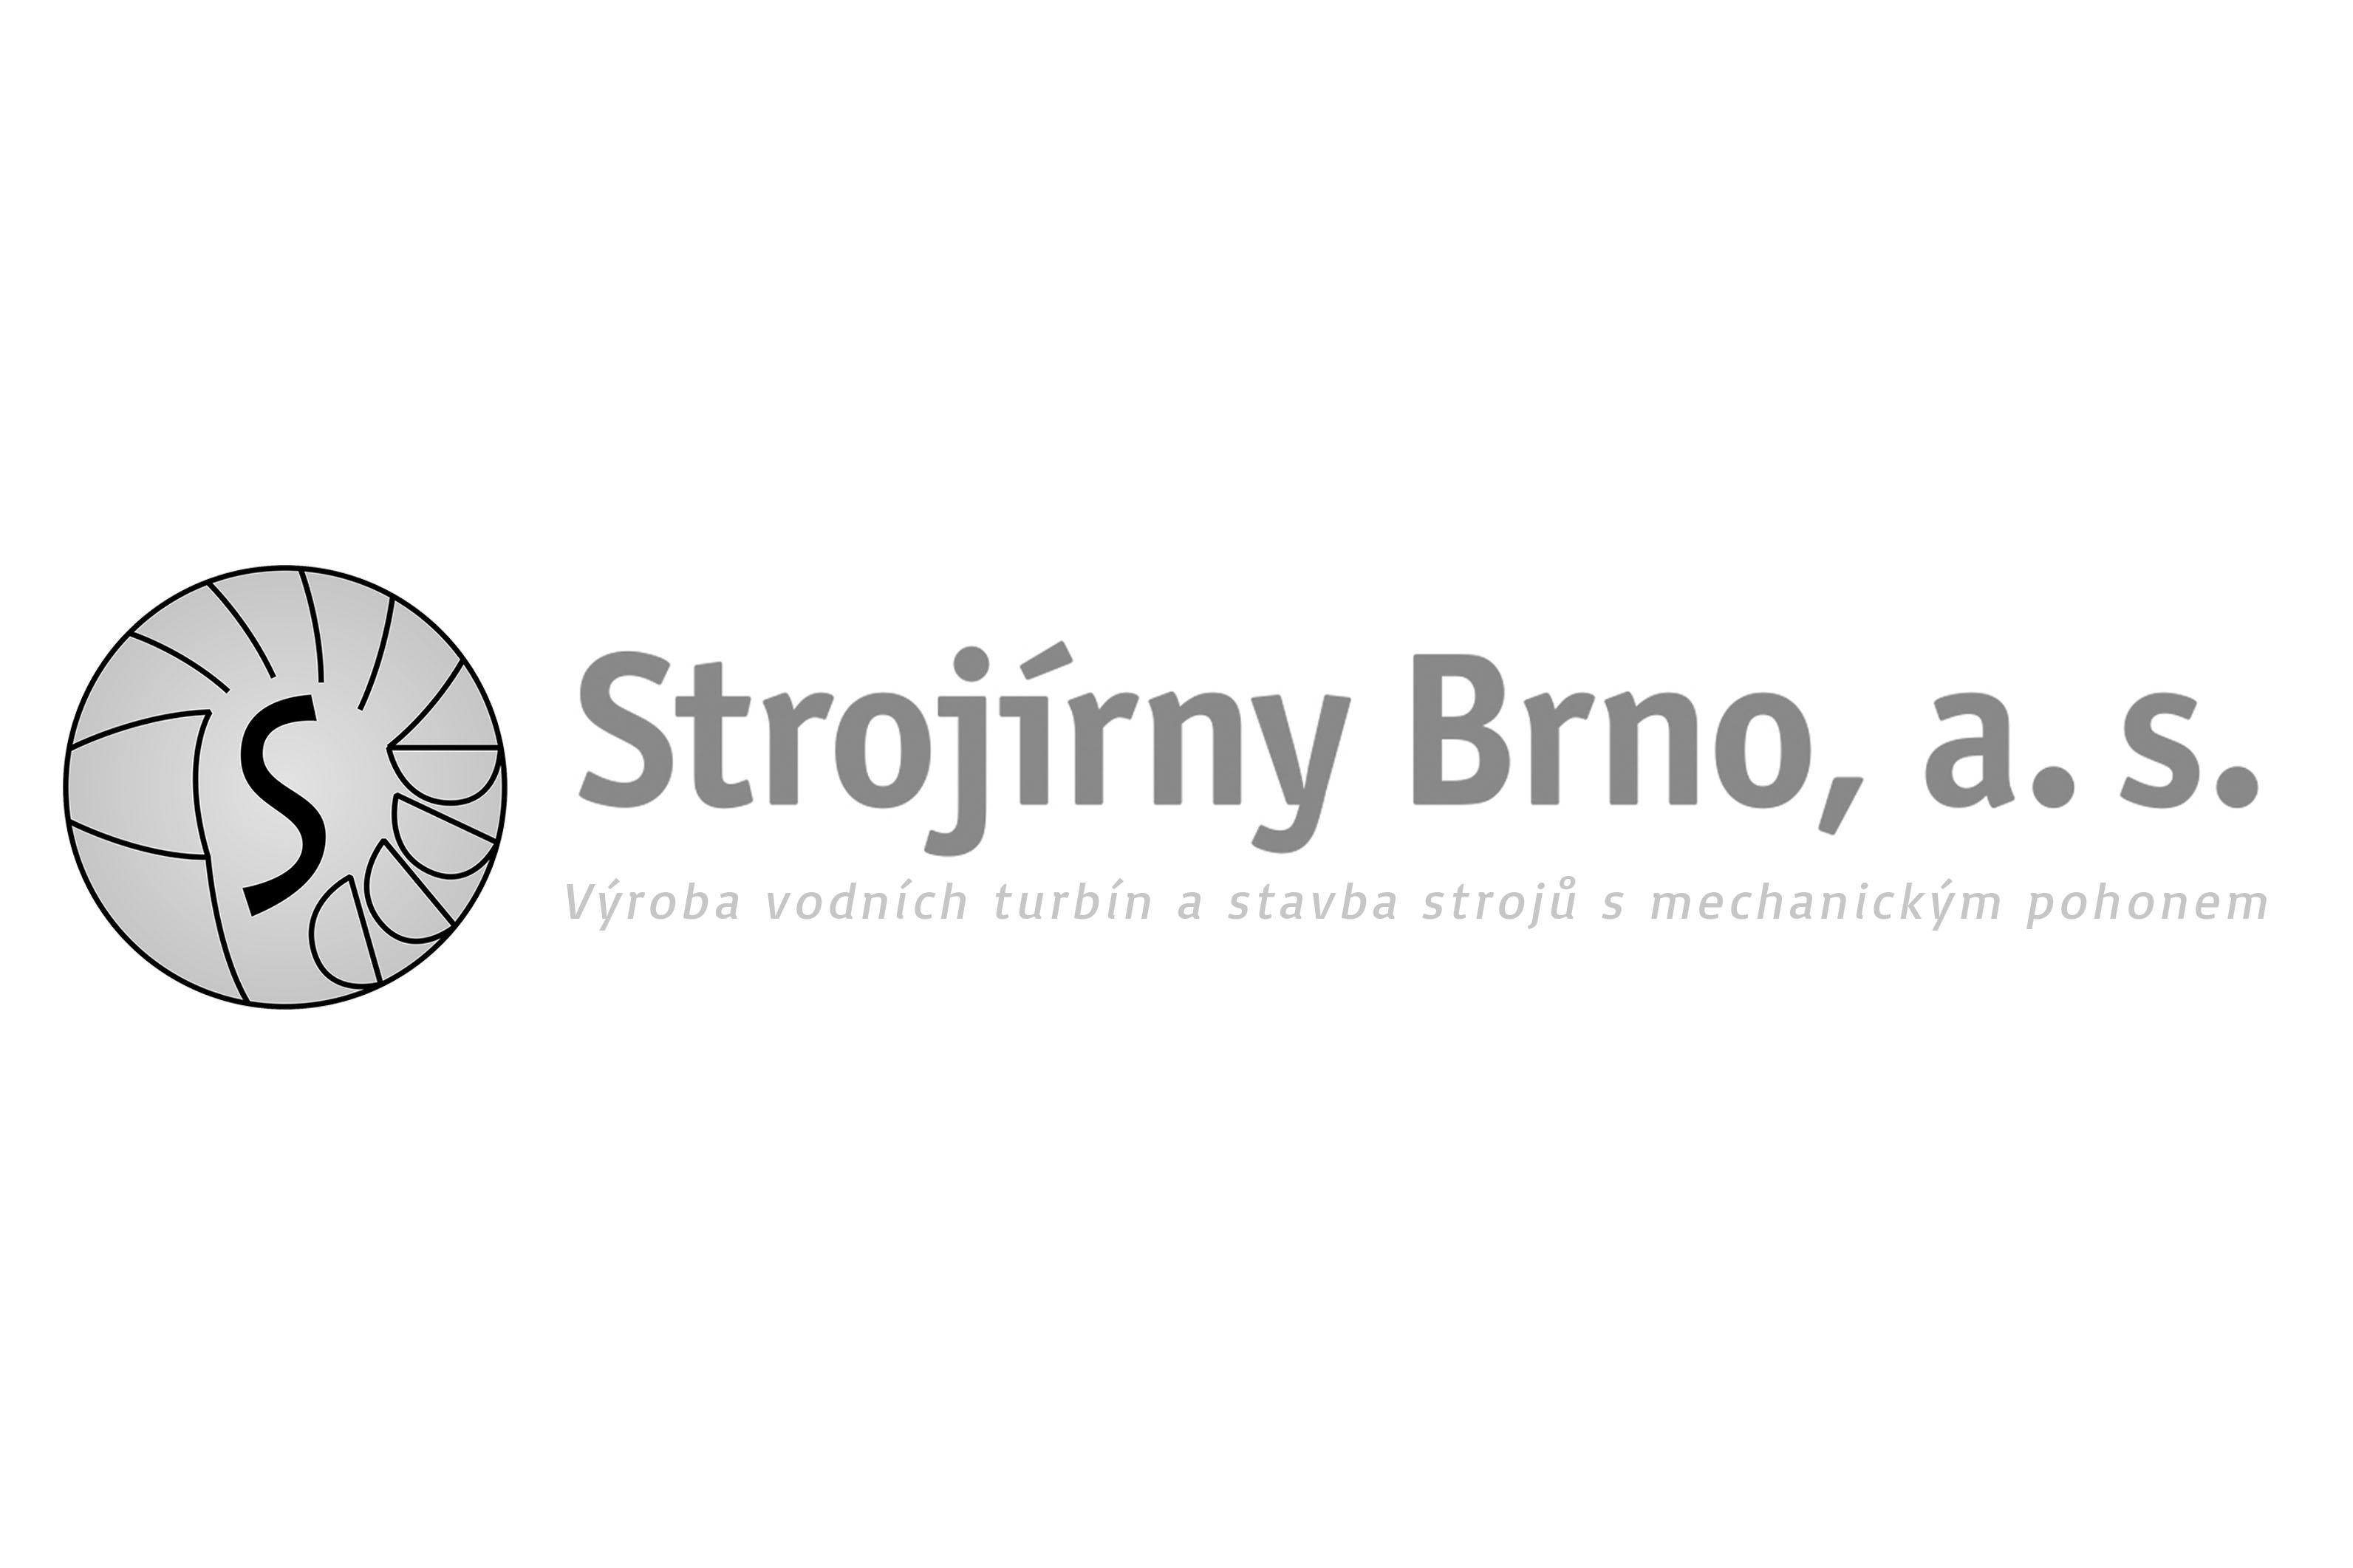 Strojírny Brno, a. s.